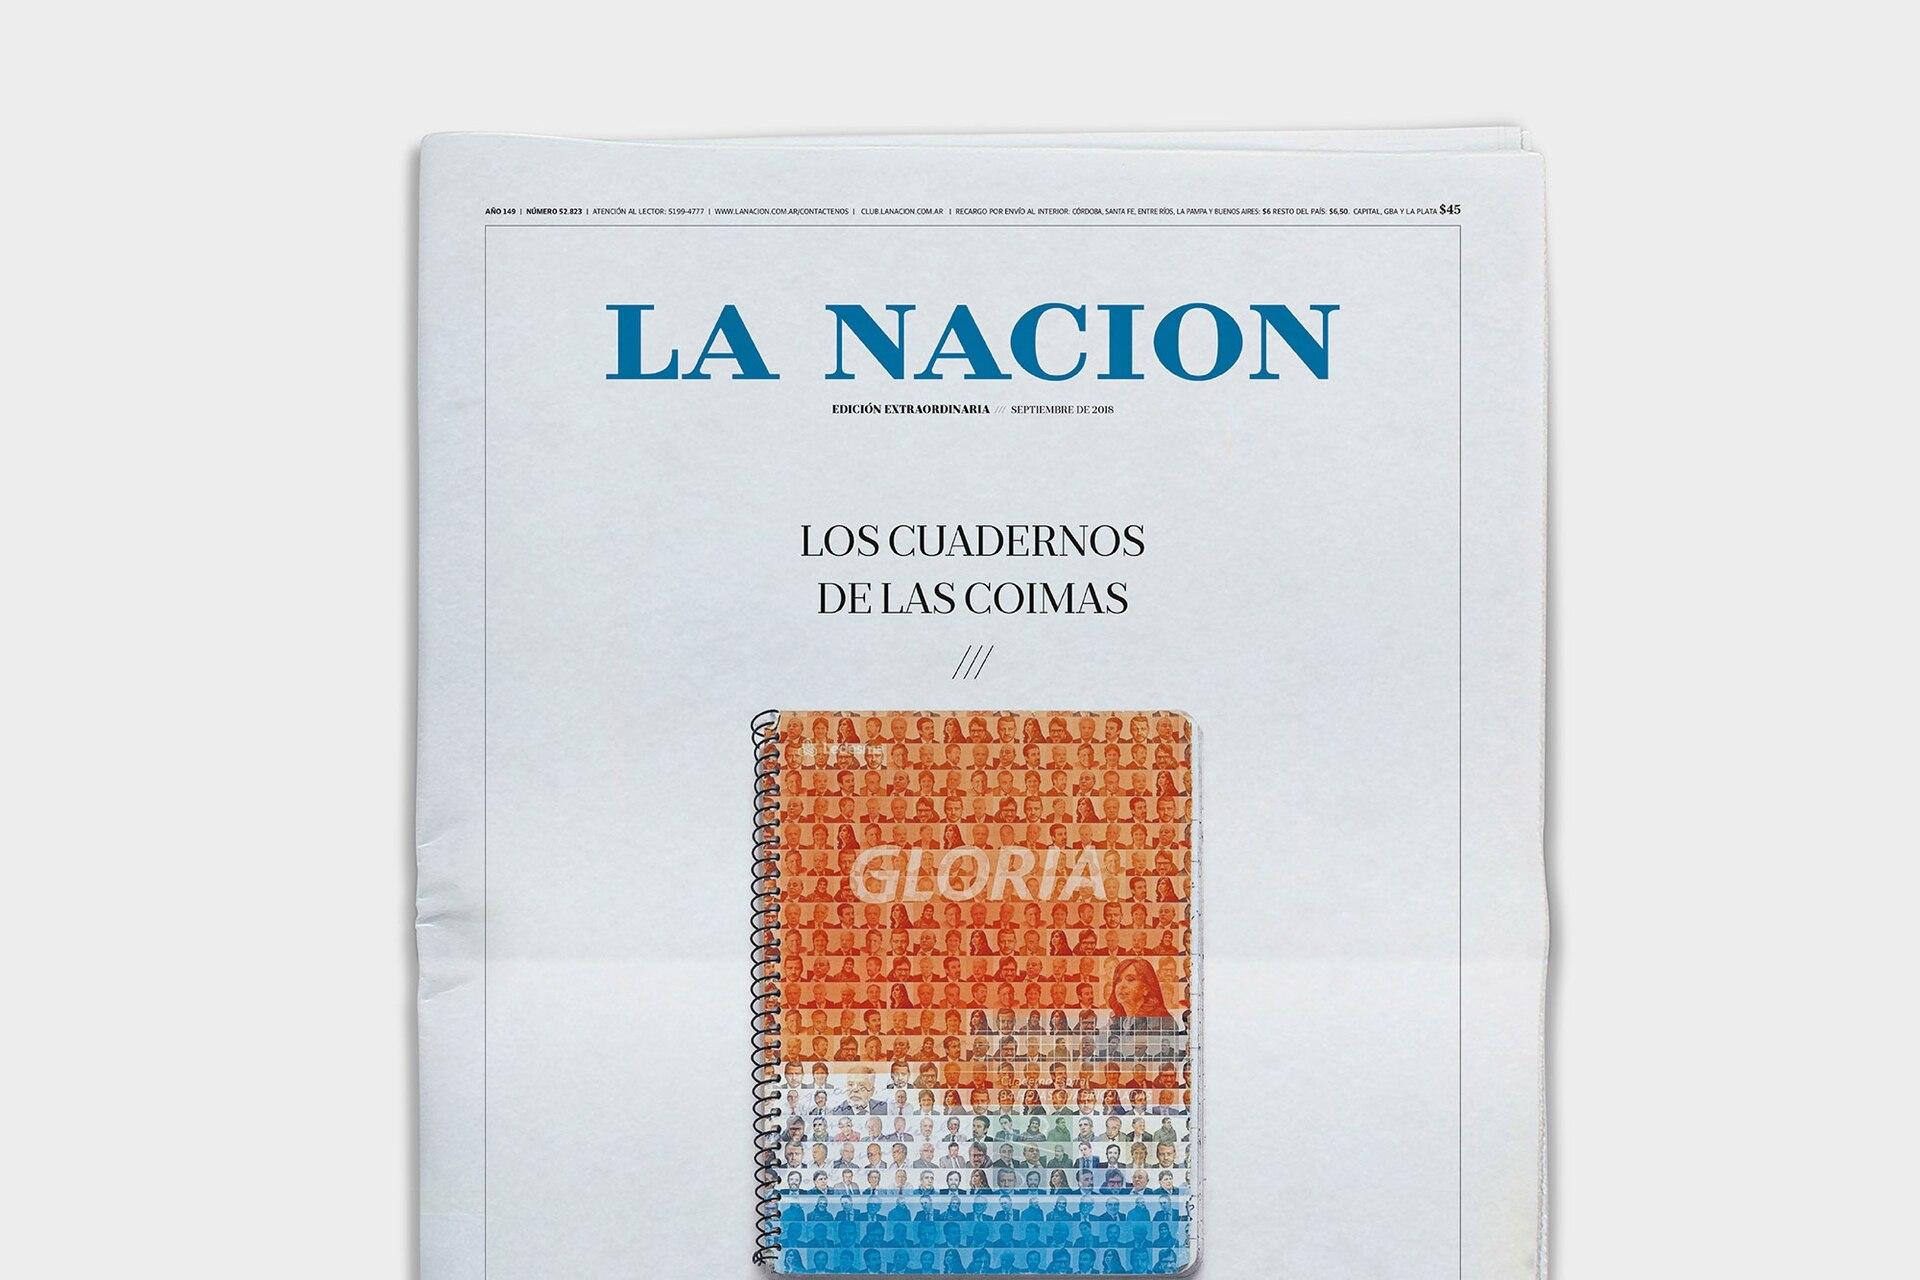 LA NACION se lució con sus ediciones sobre los cuadernos de las coimas